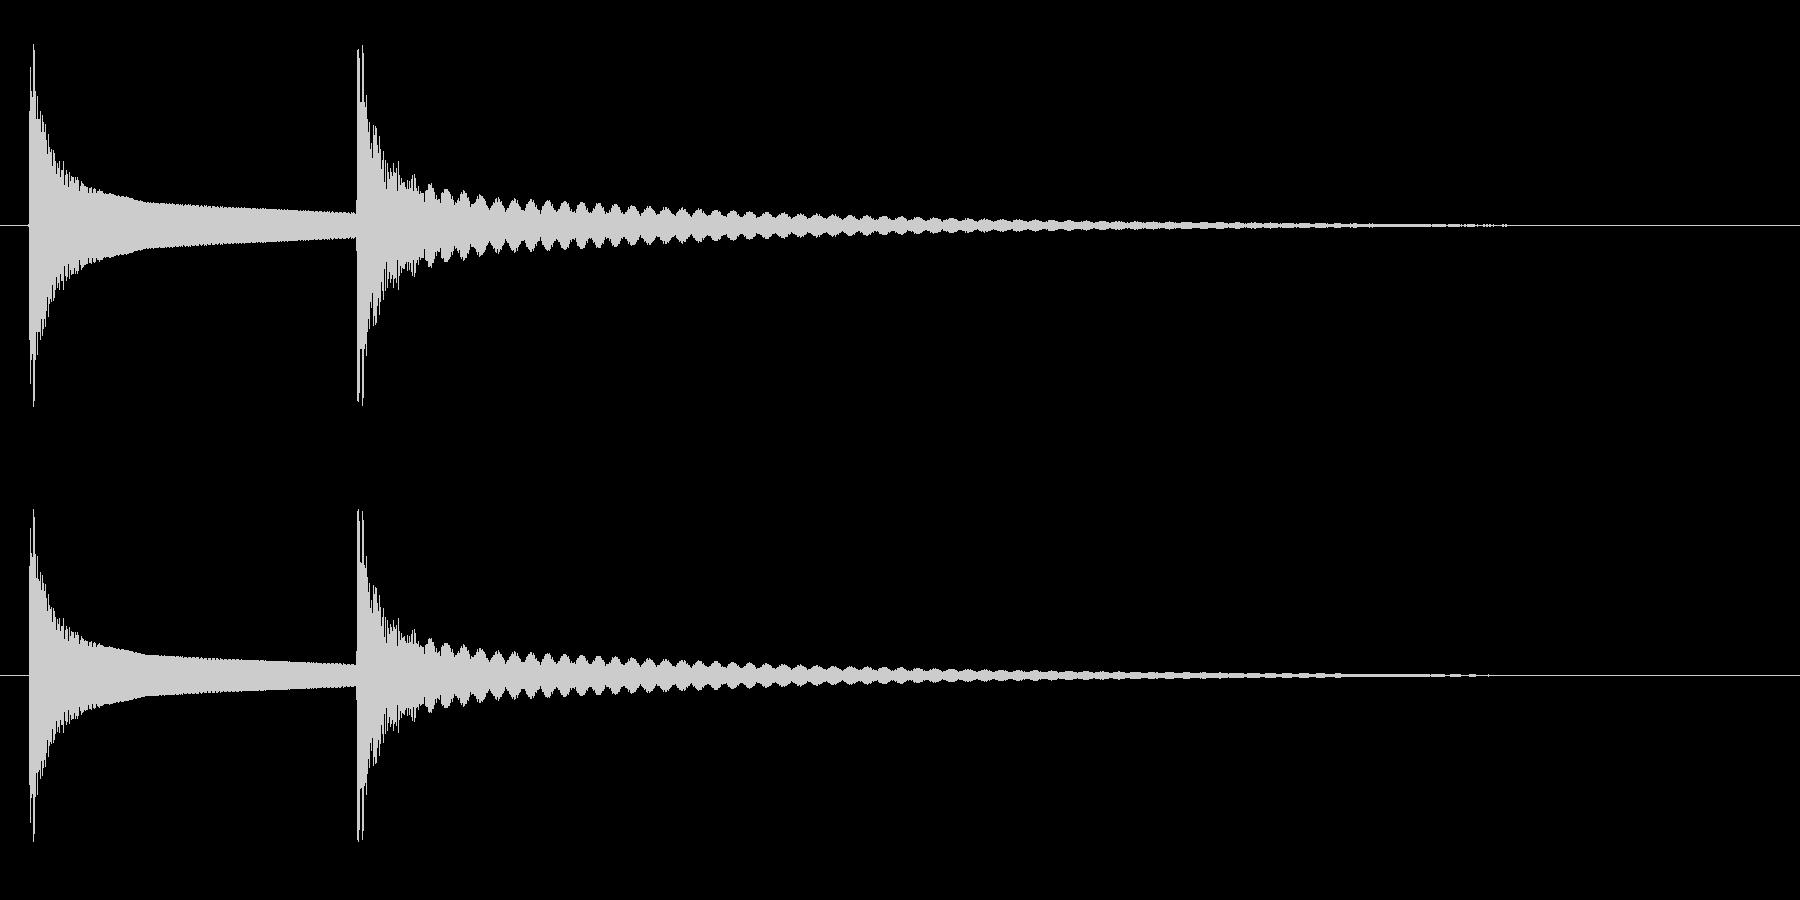 ピコーン(優しく可愛らしい)の未再生の波形